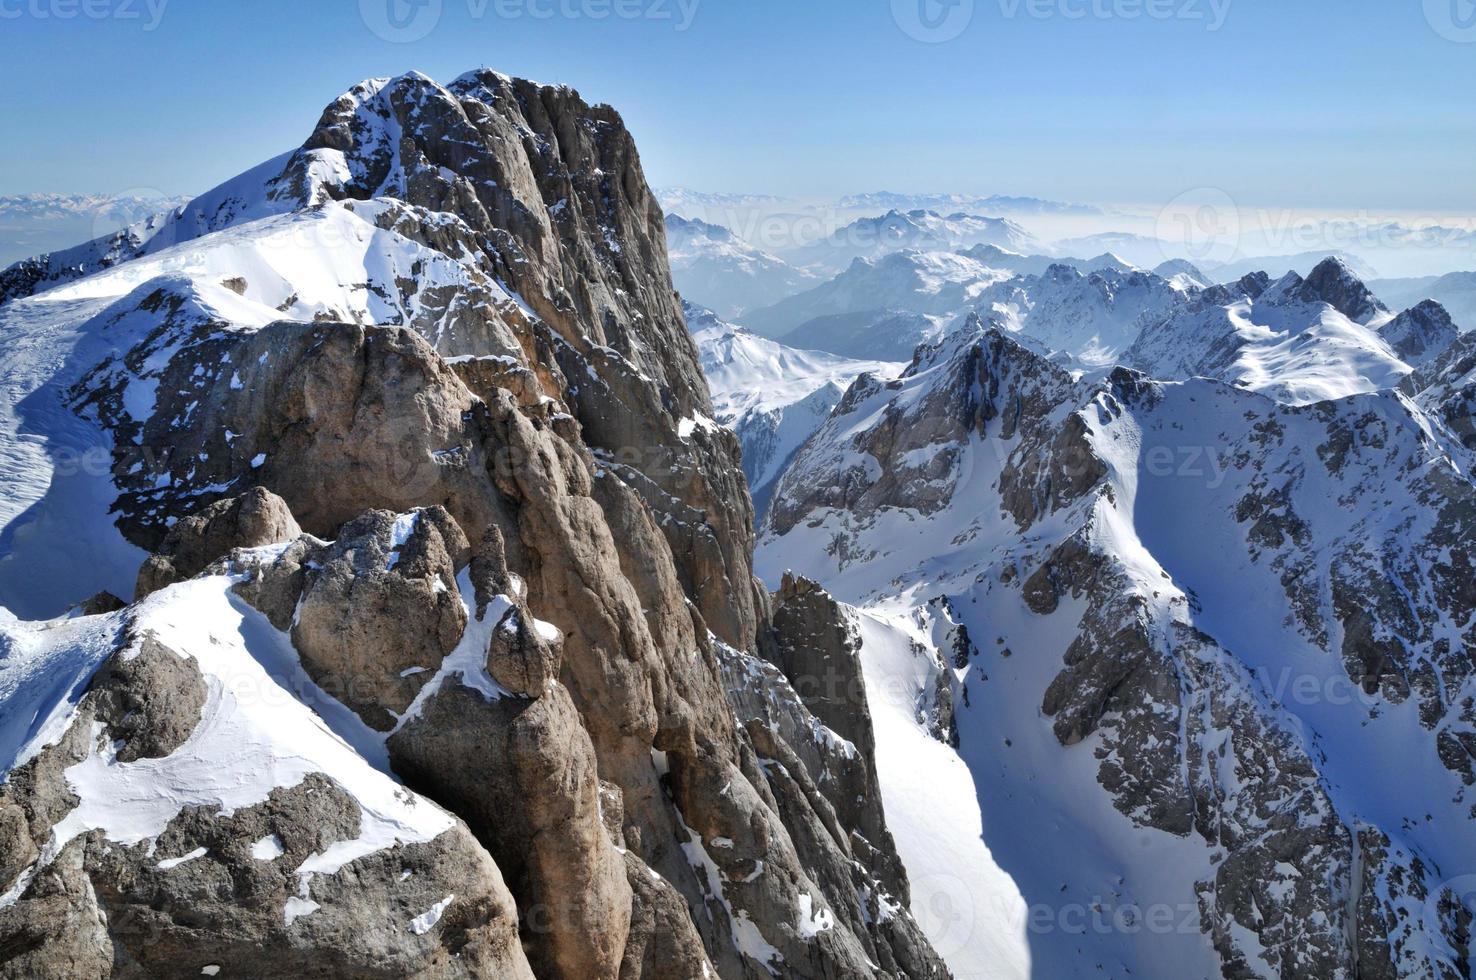 Winter ski resort in the Dolomites photo